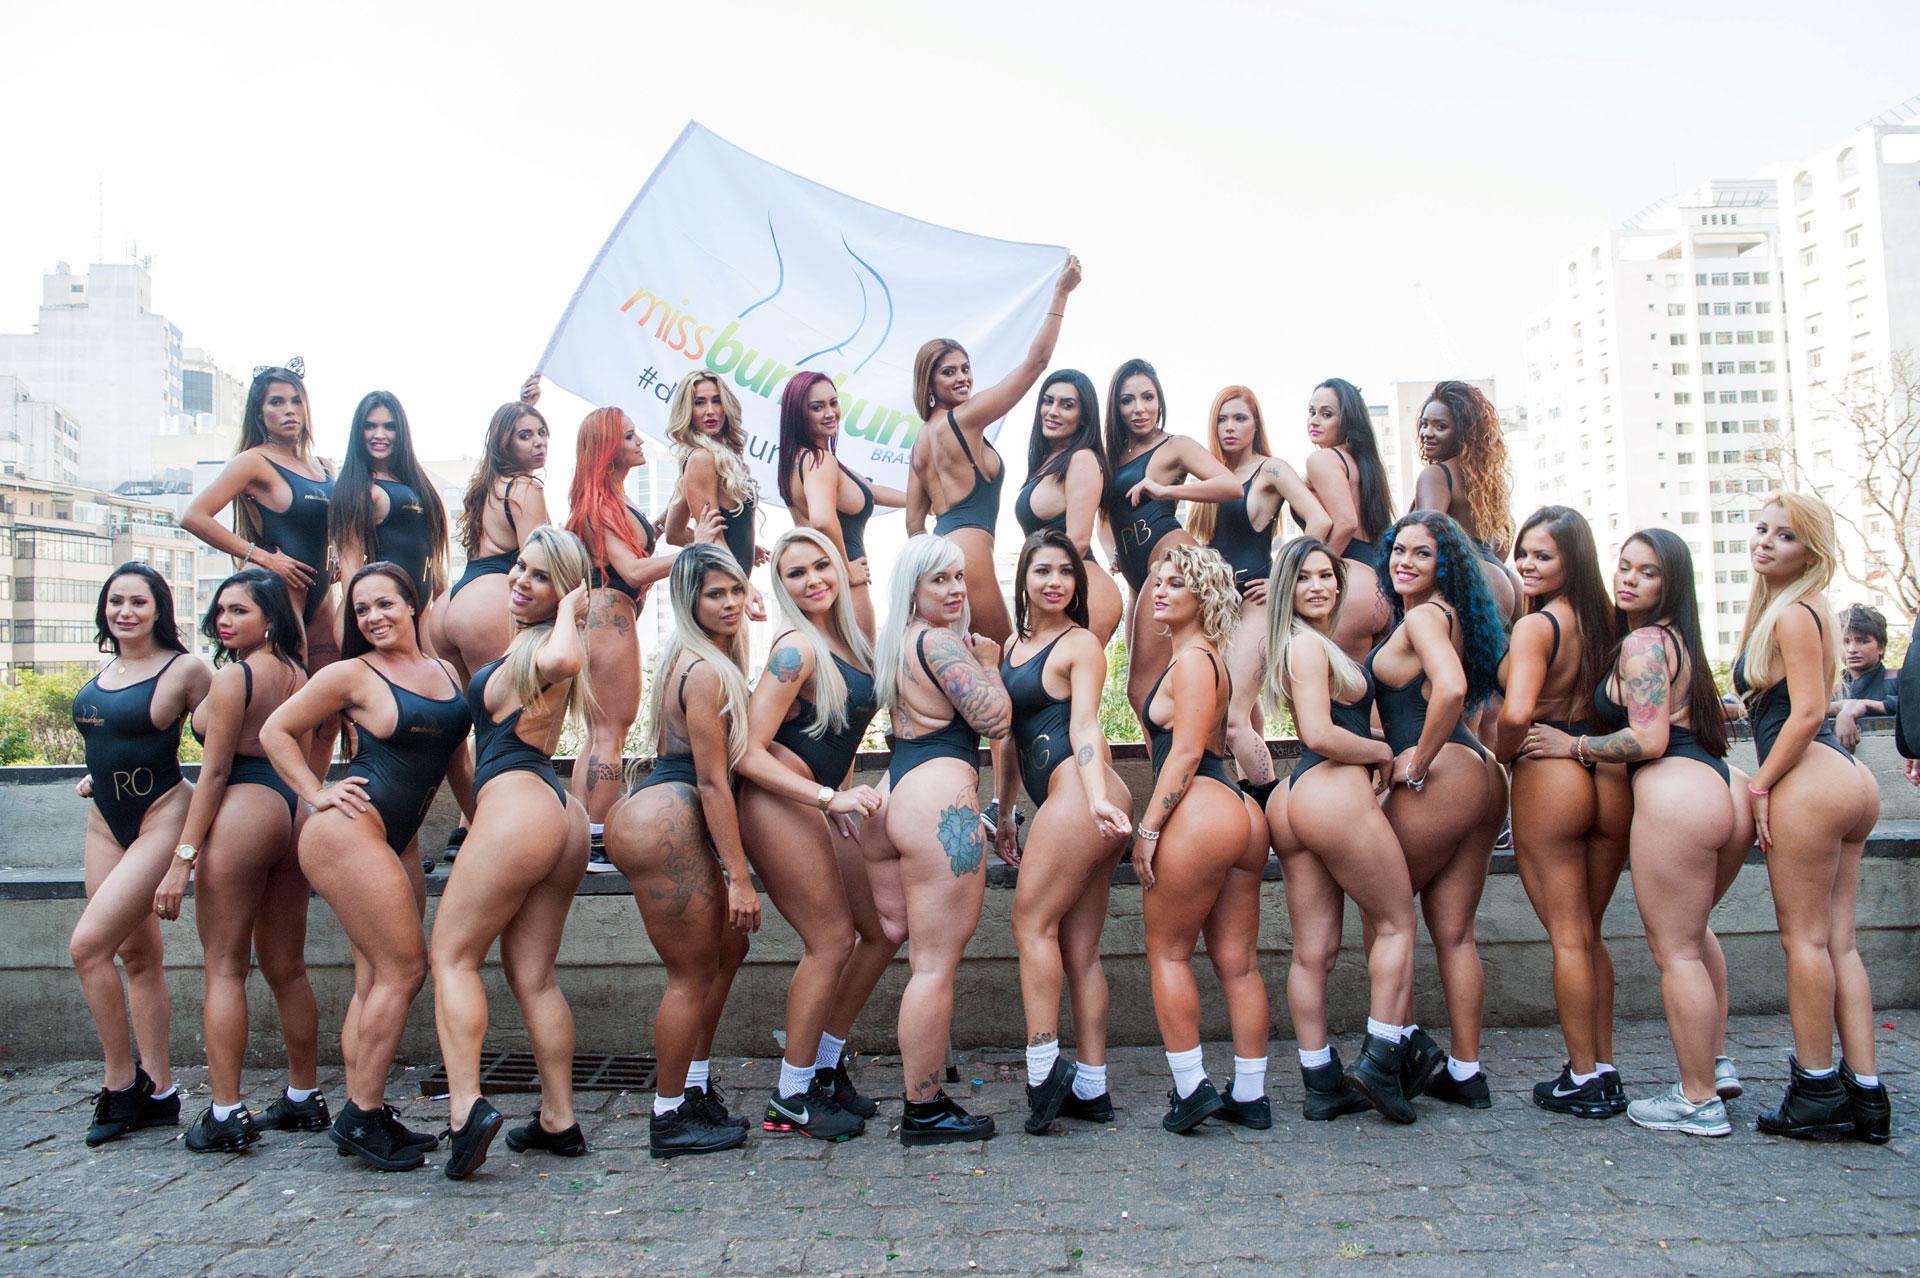 Las candidatas del concurso Miss BumBum desfilaron por las calles de San Pablo. El tradicional certamen premia a la mejor cola de Brasil (Grosby Group)